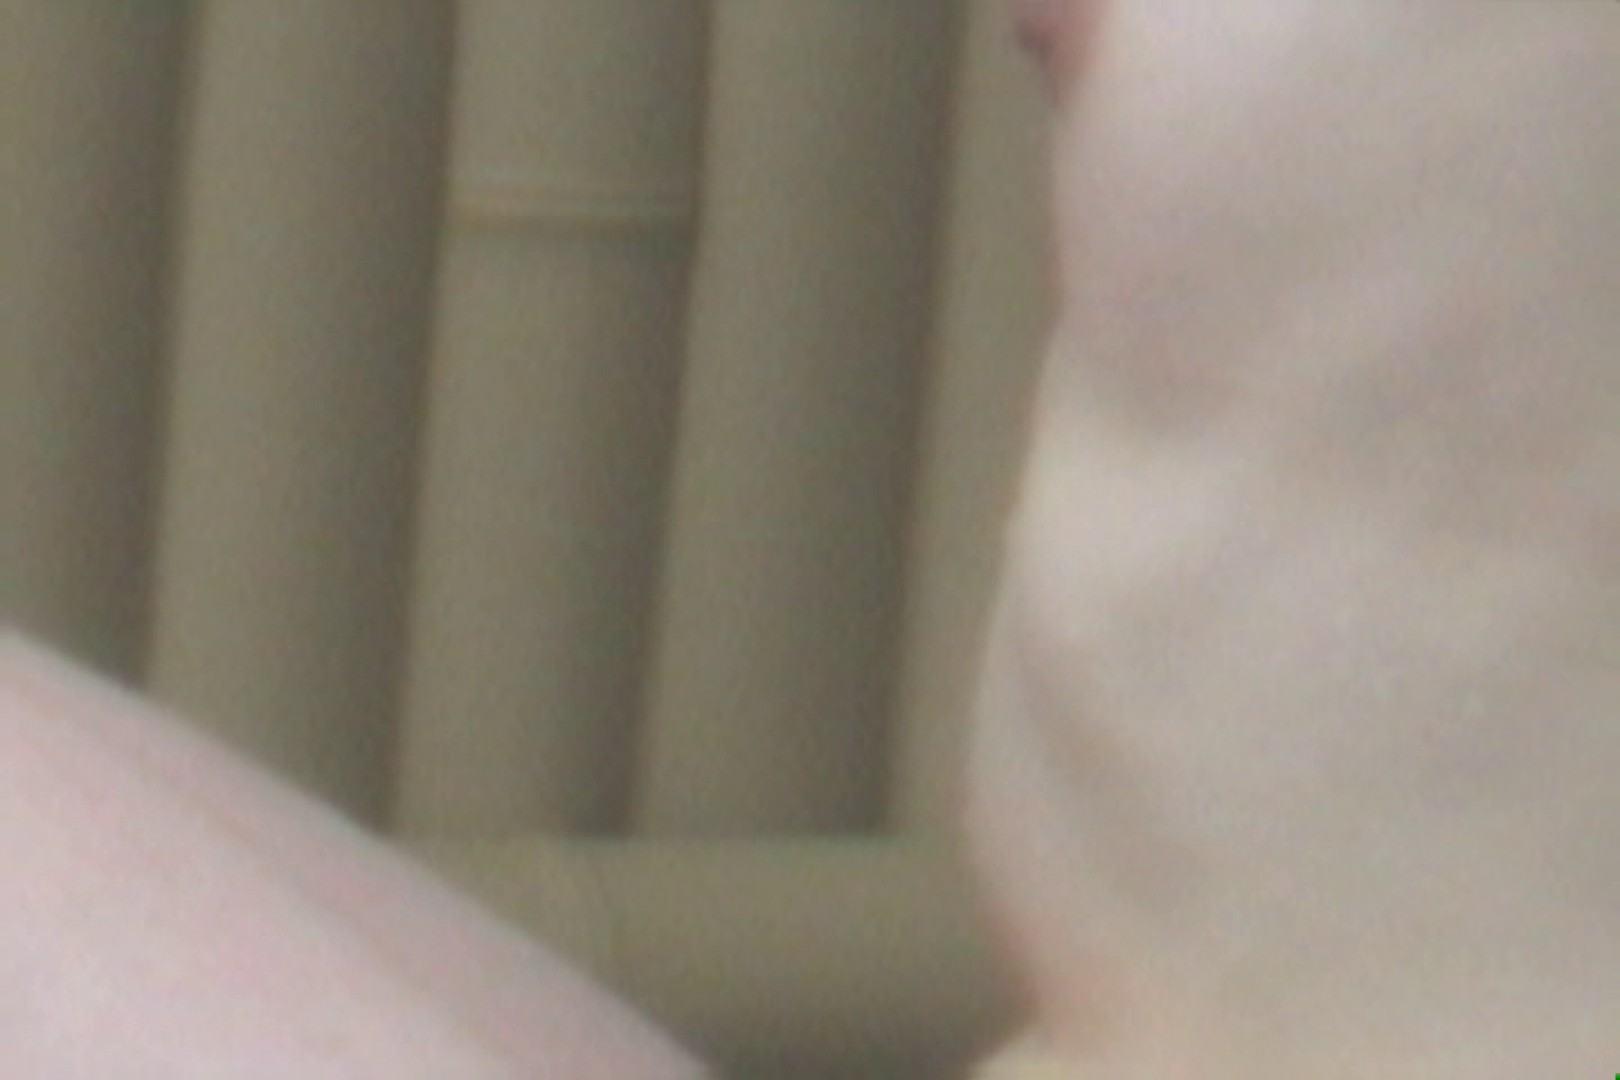 Aquaな露天風呂Vol.569 盗撮シリーズ  84PIX 48